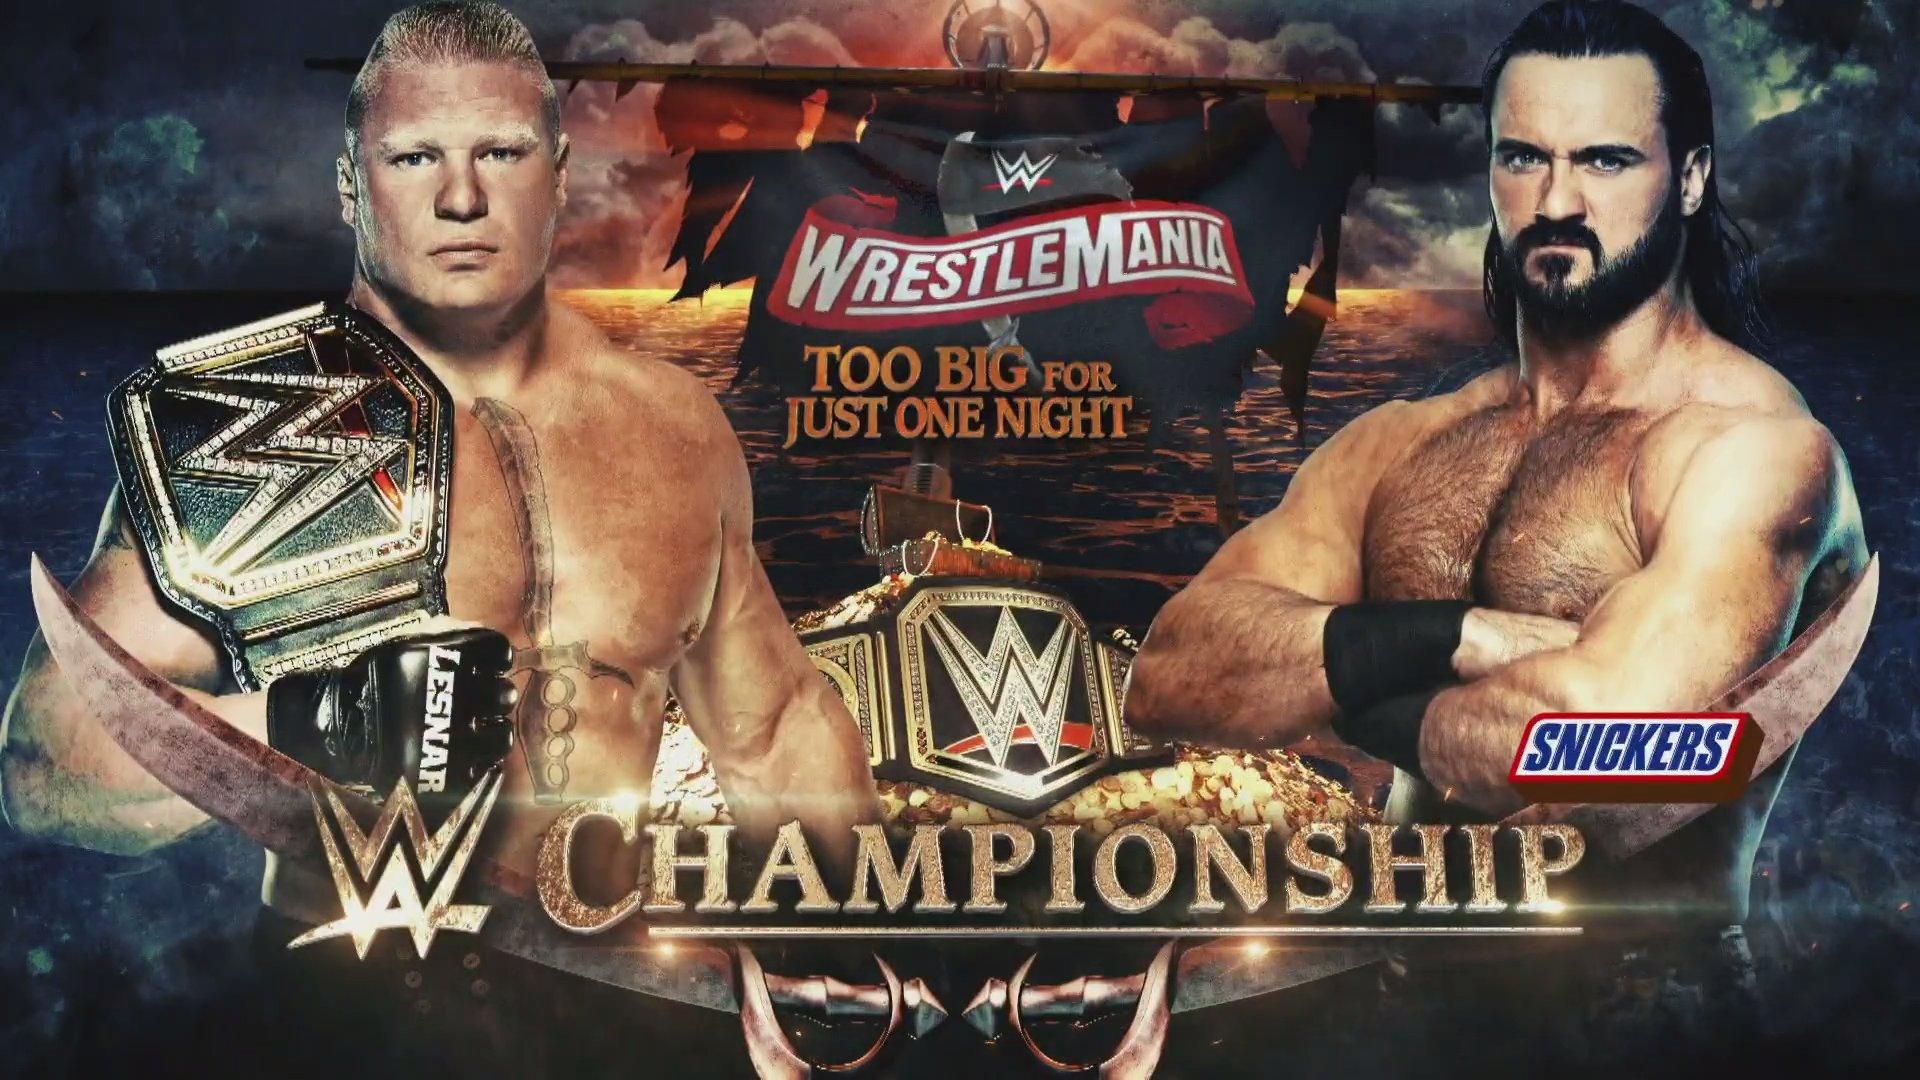 WWE WRESTLEMANIA 36 (5 de abril 2020) | Resultados en vivo | La segunda noche 13